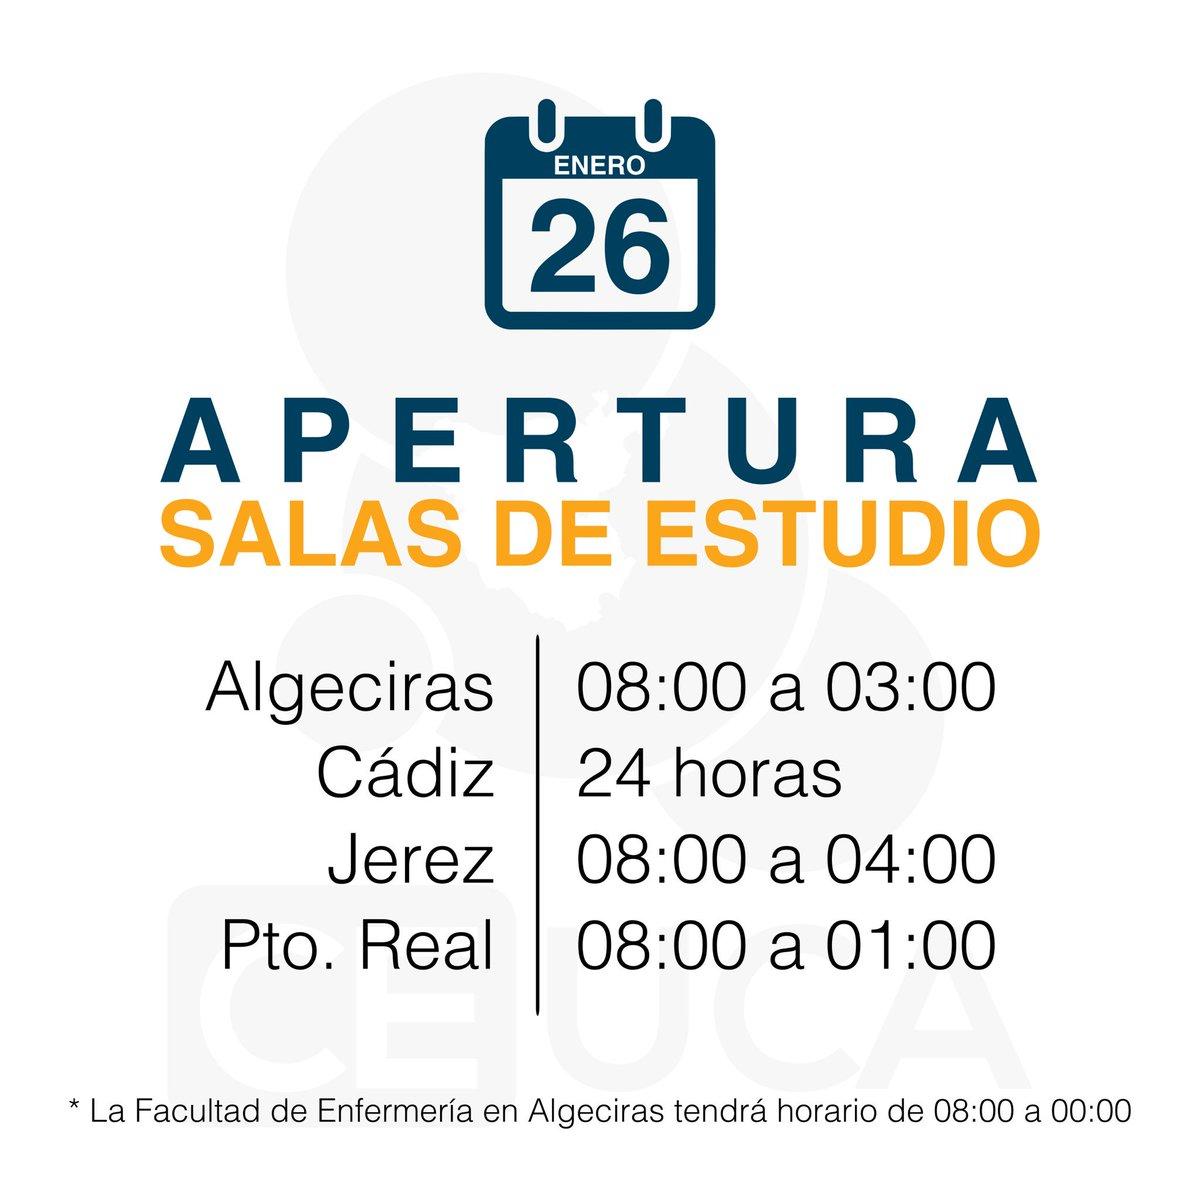 Uca Calendario Academico.Ceuca On Twitter La Uca Mantendra Abiertas Las